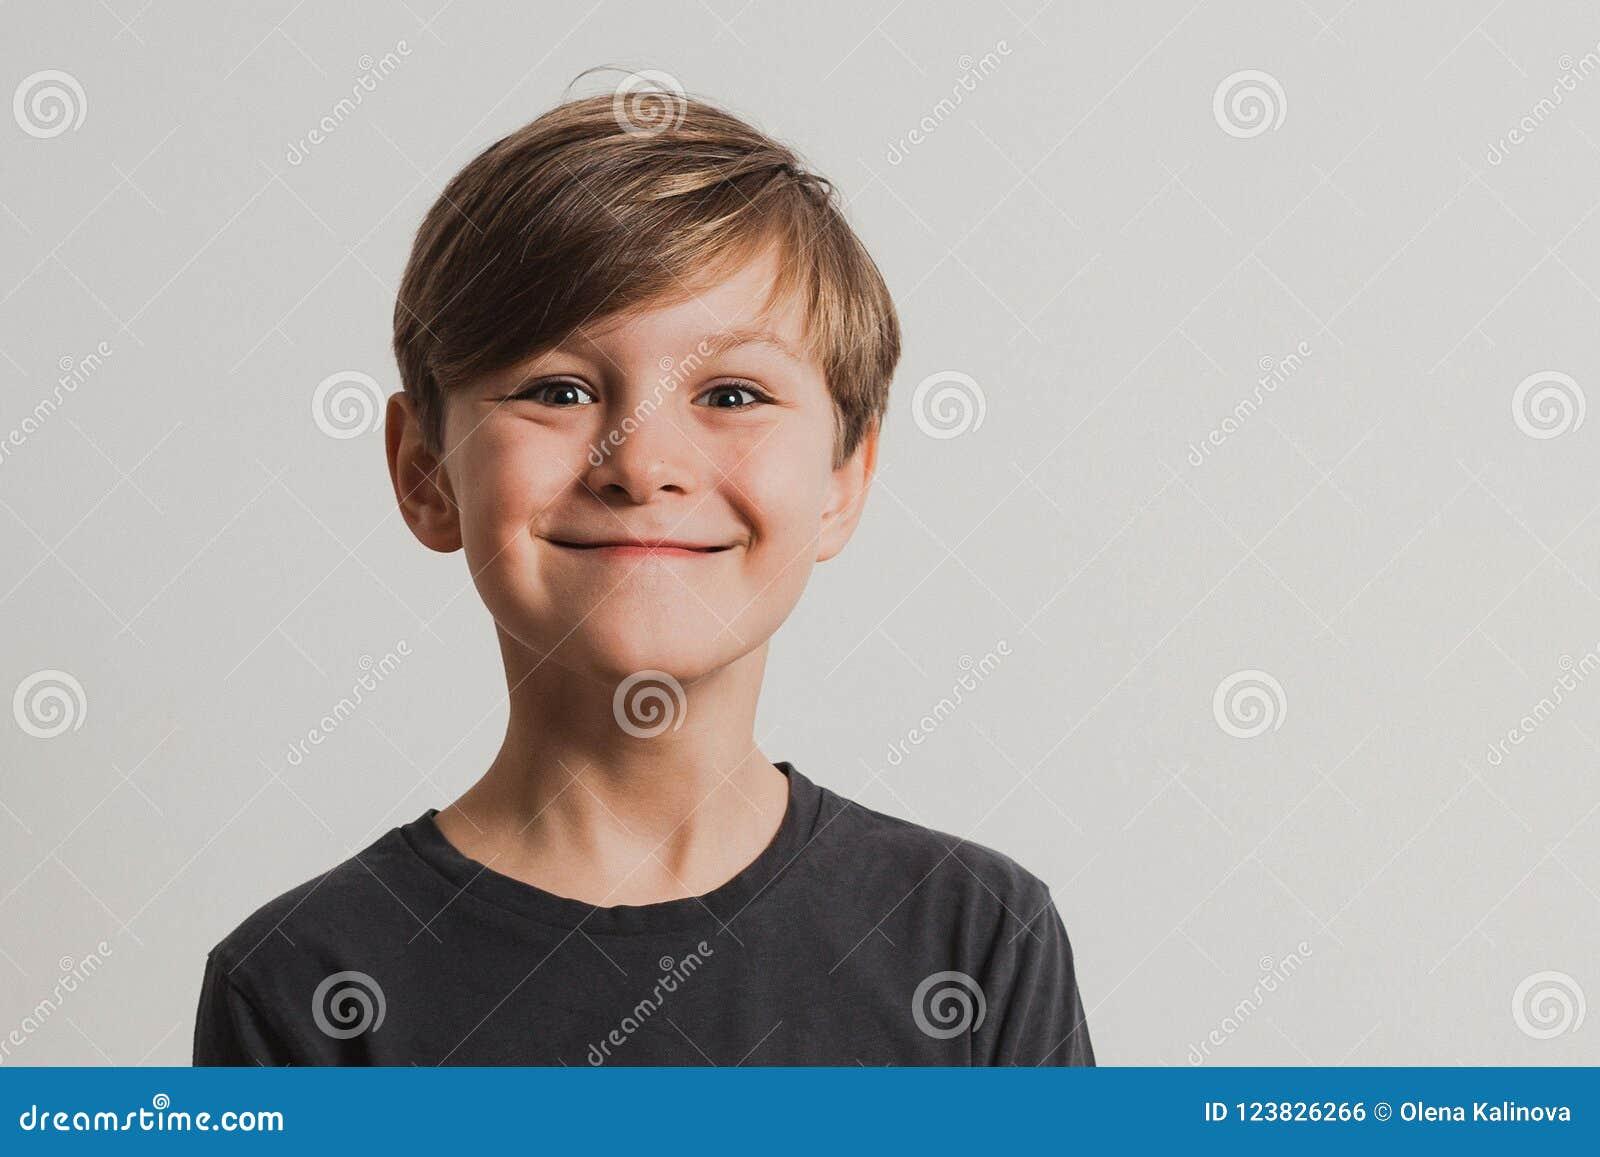 Ένα πορτρέτο του χαριτωμένου αγοριού που τραβά τα πρόσωπα